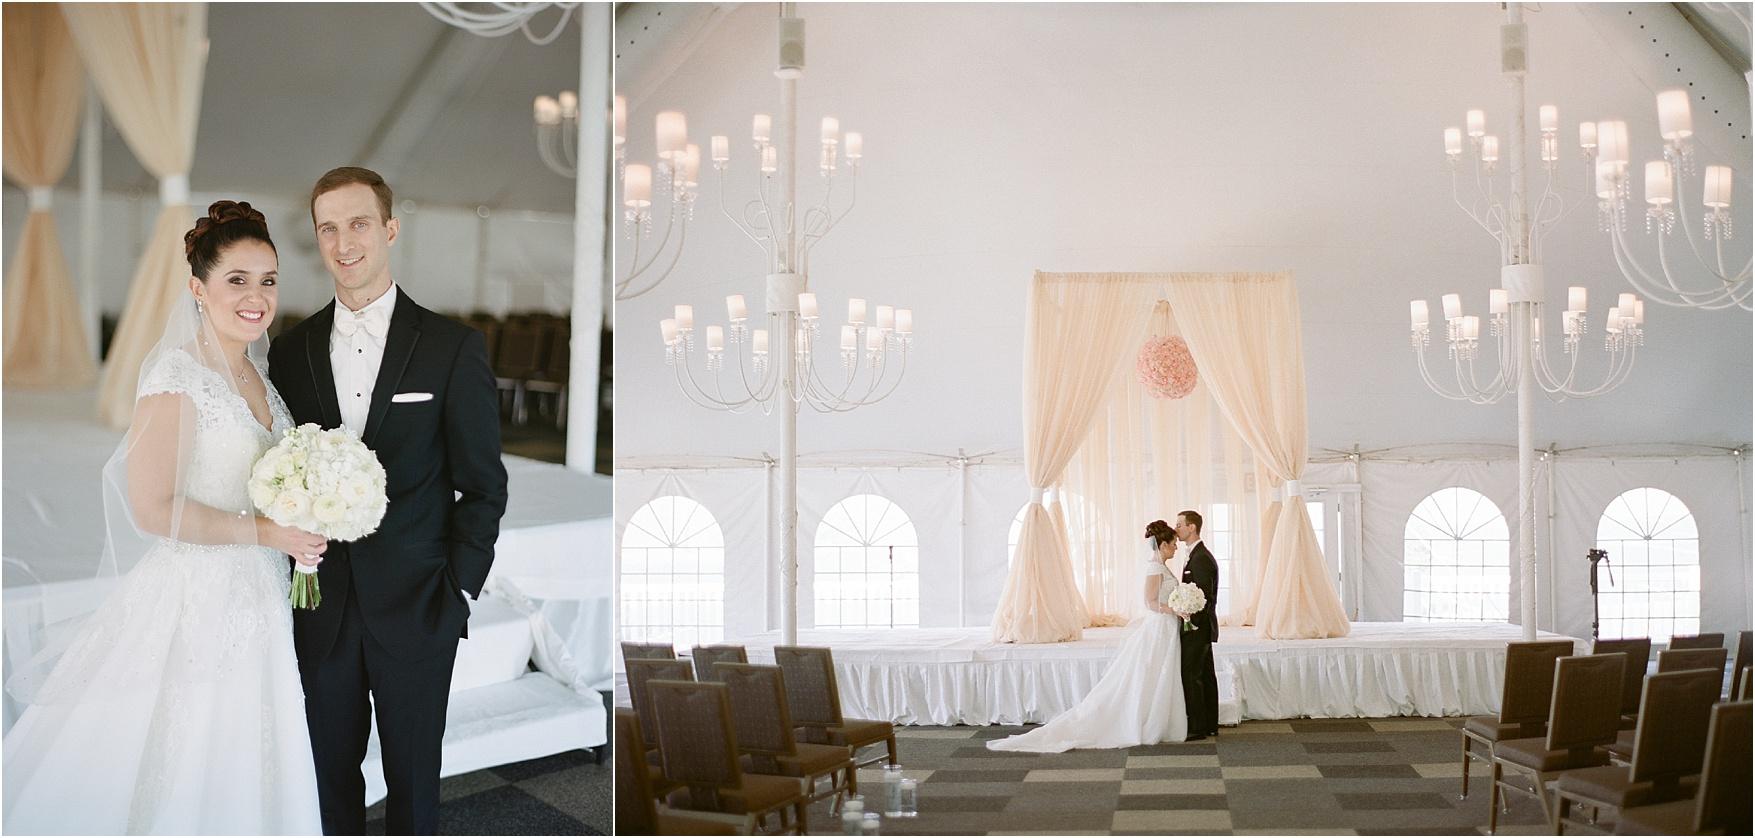 wedding photography st louis_lauren muckler photography_film photographer_film wedding_0053.jpg